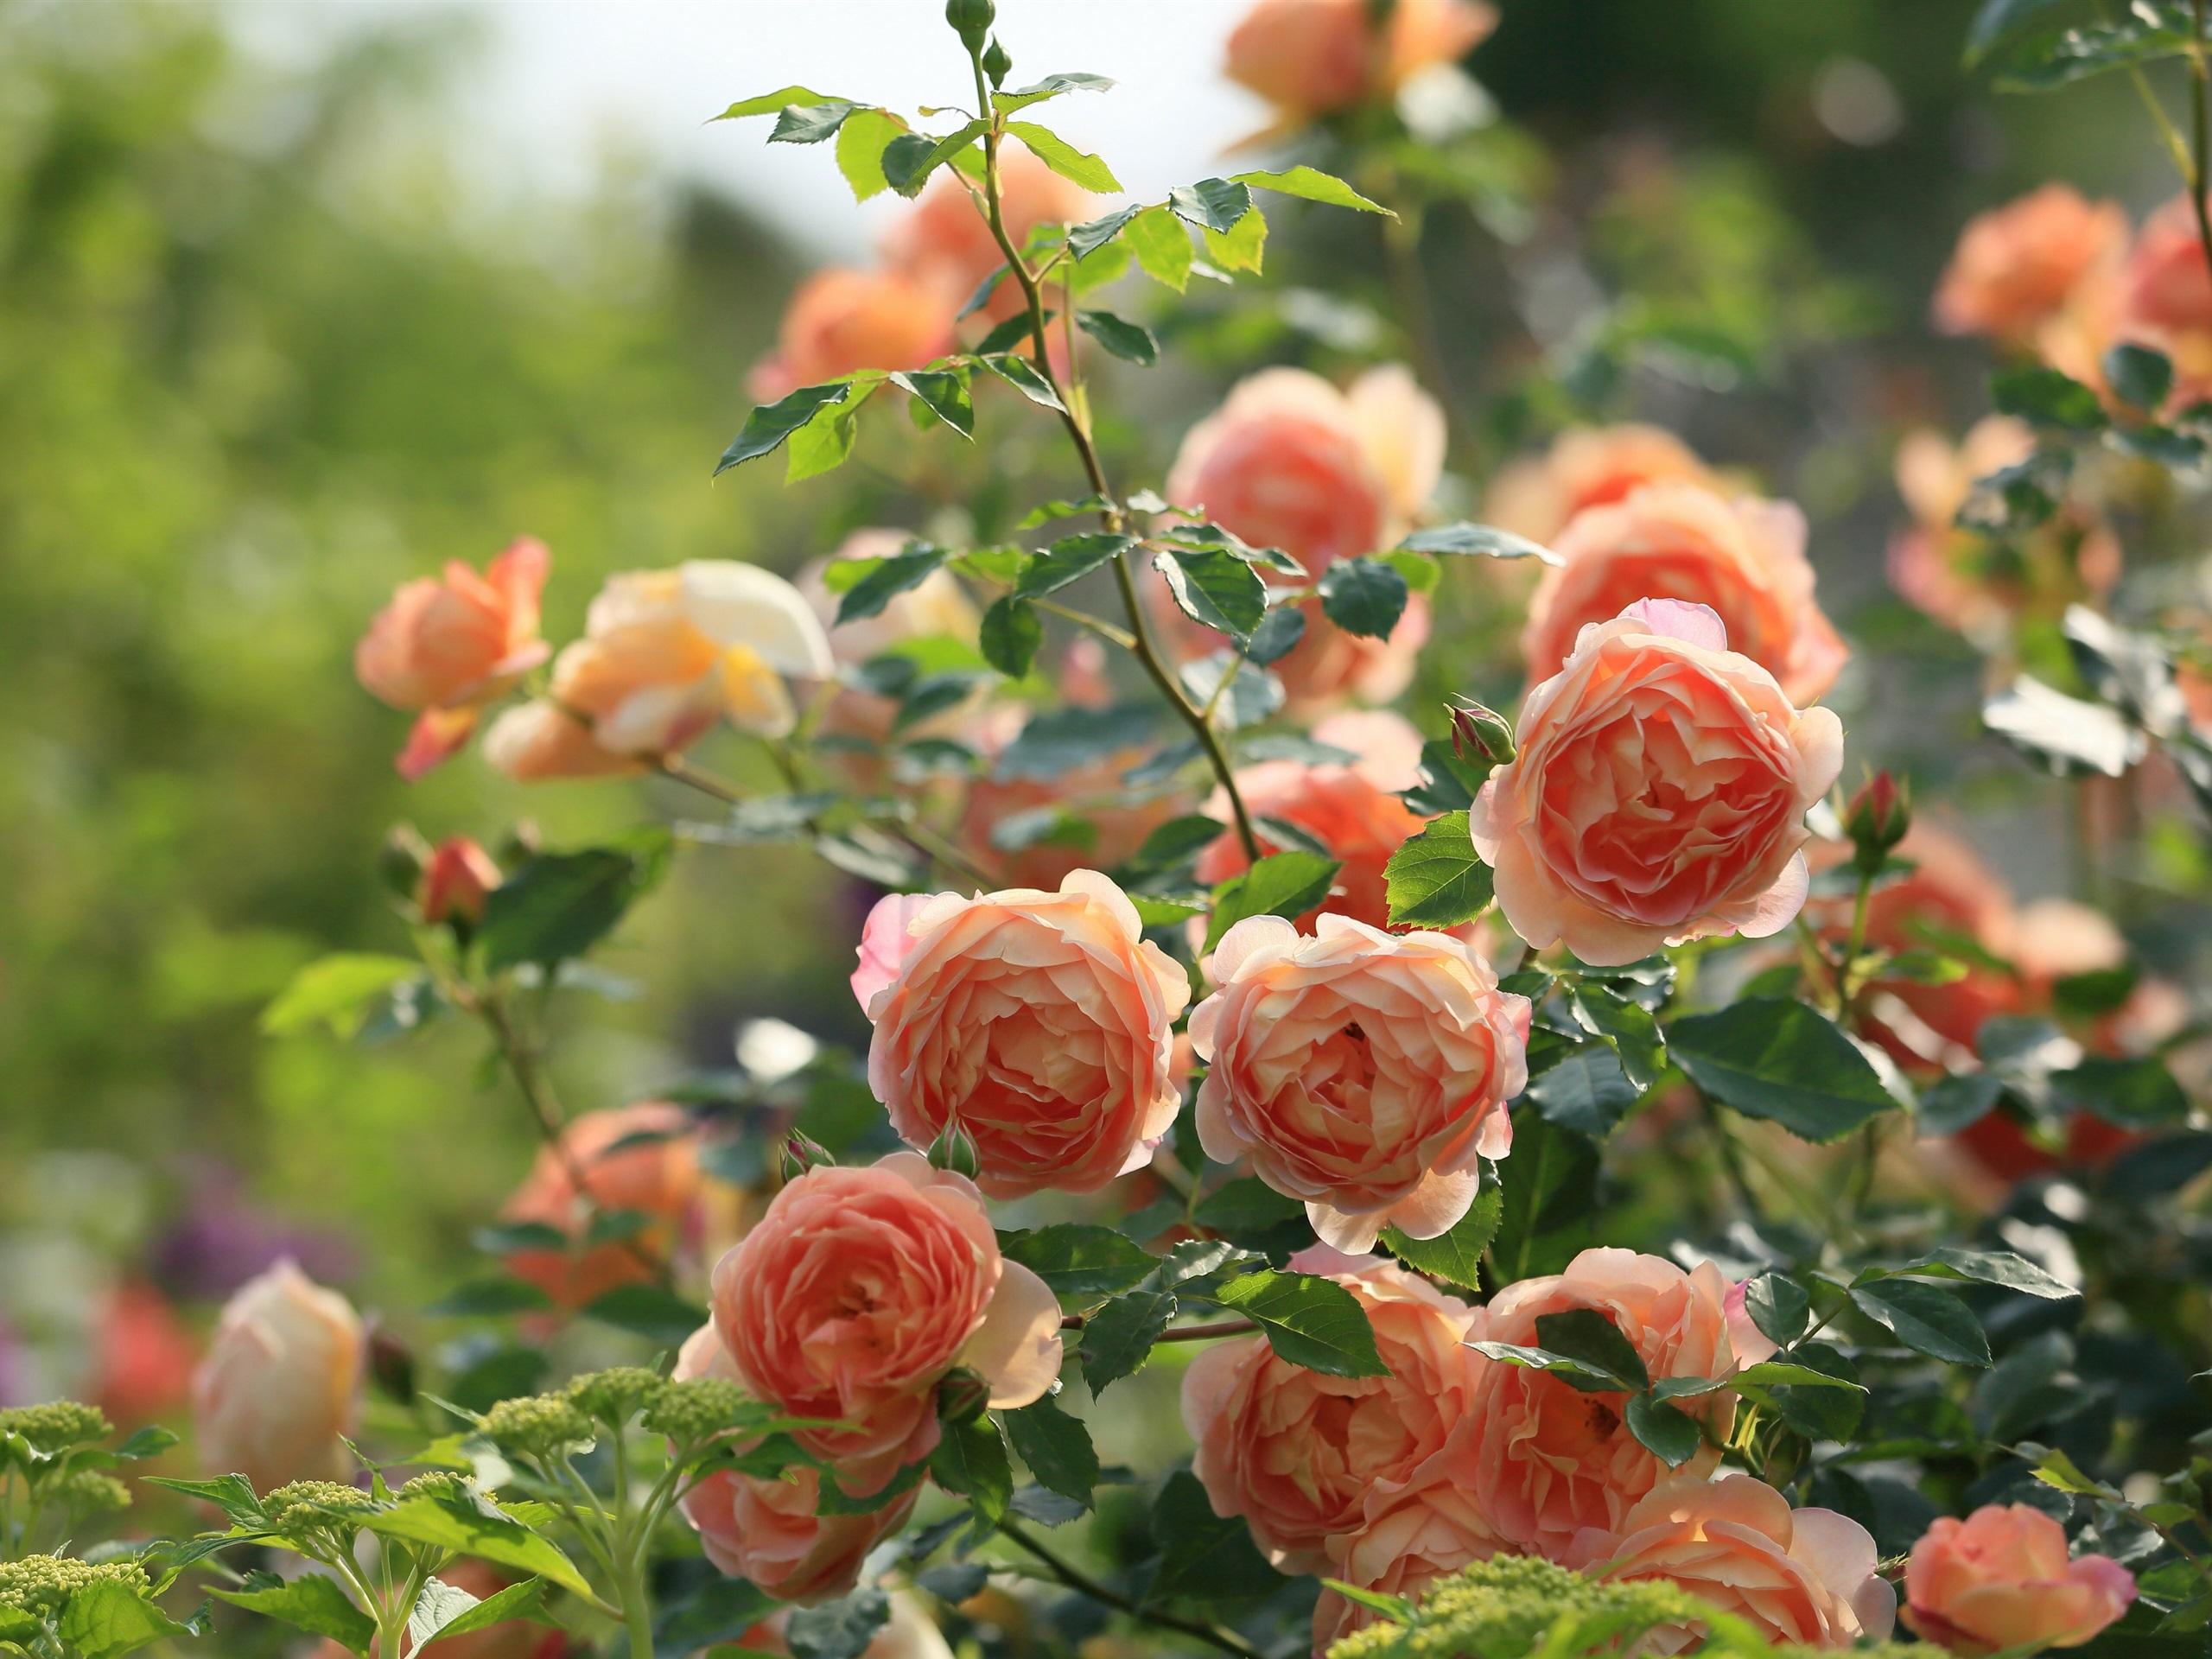 фото чайная роза в саду выбрали десять самых